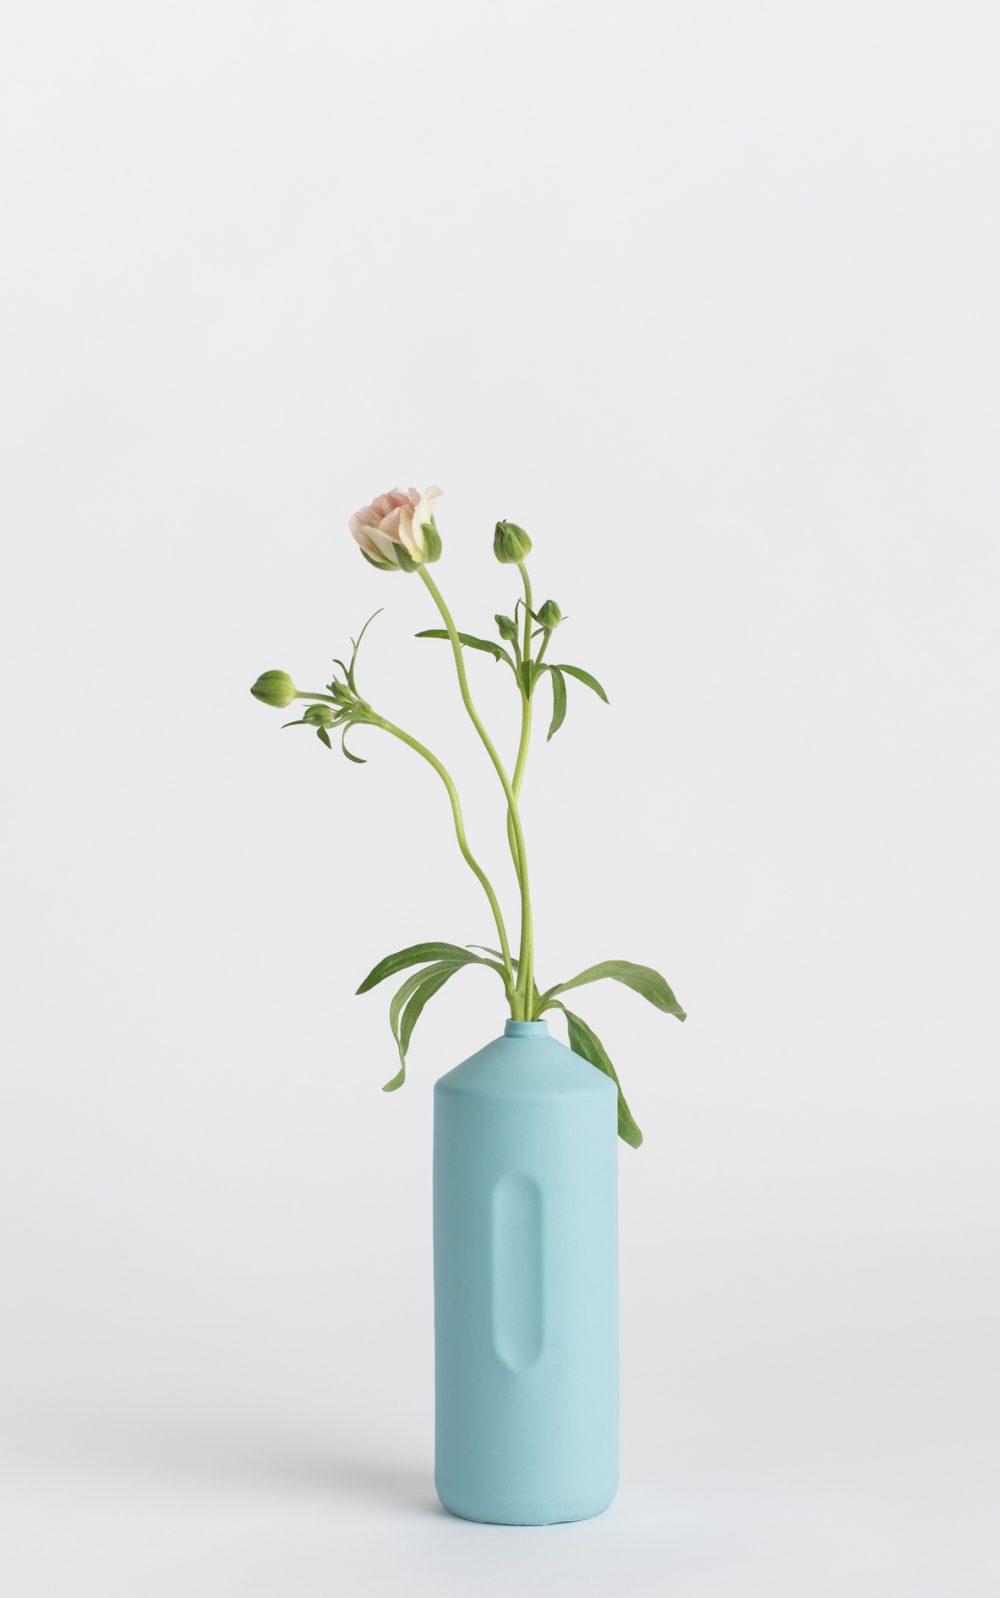 bottle vase #2 light blue with flower